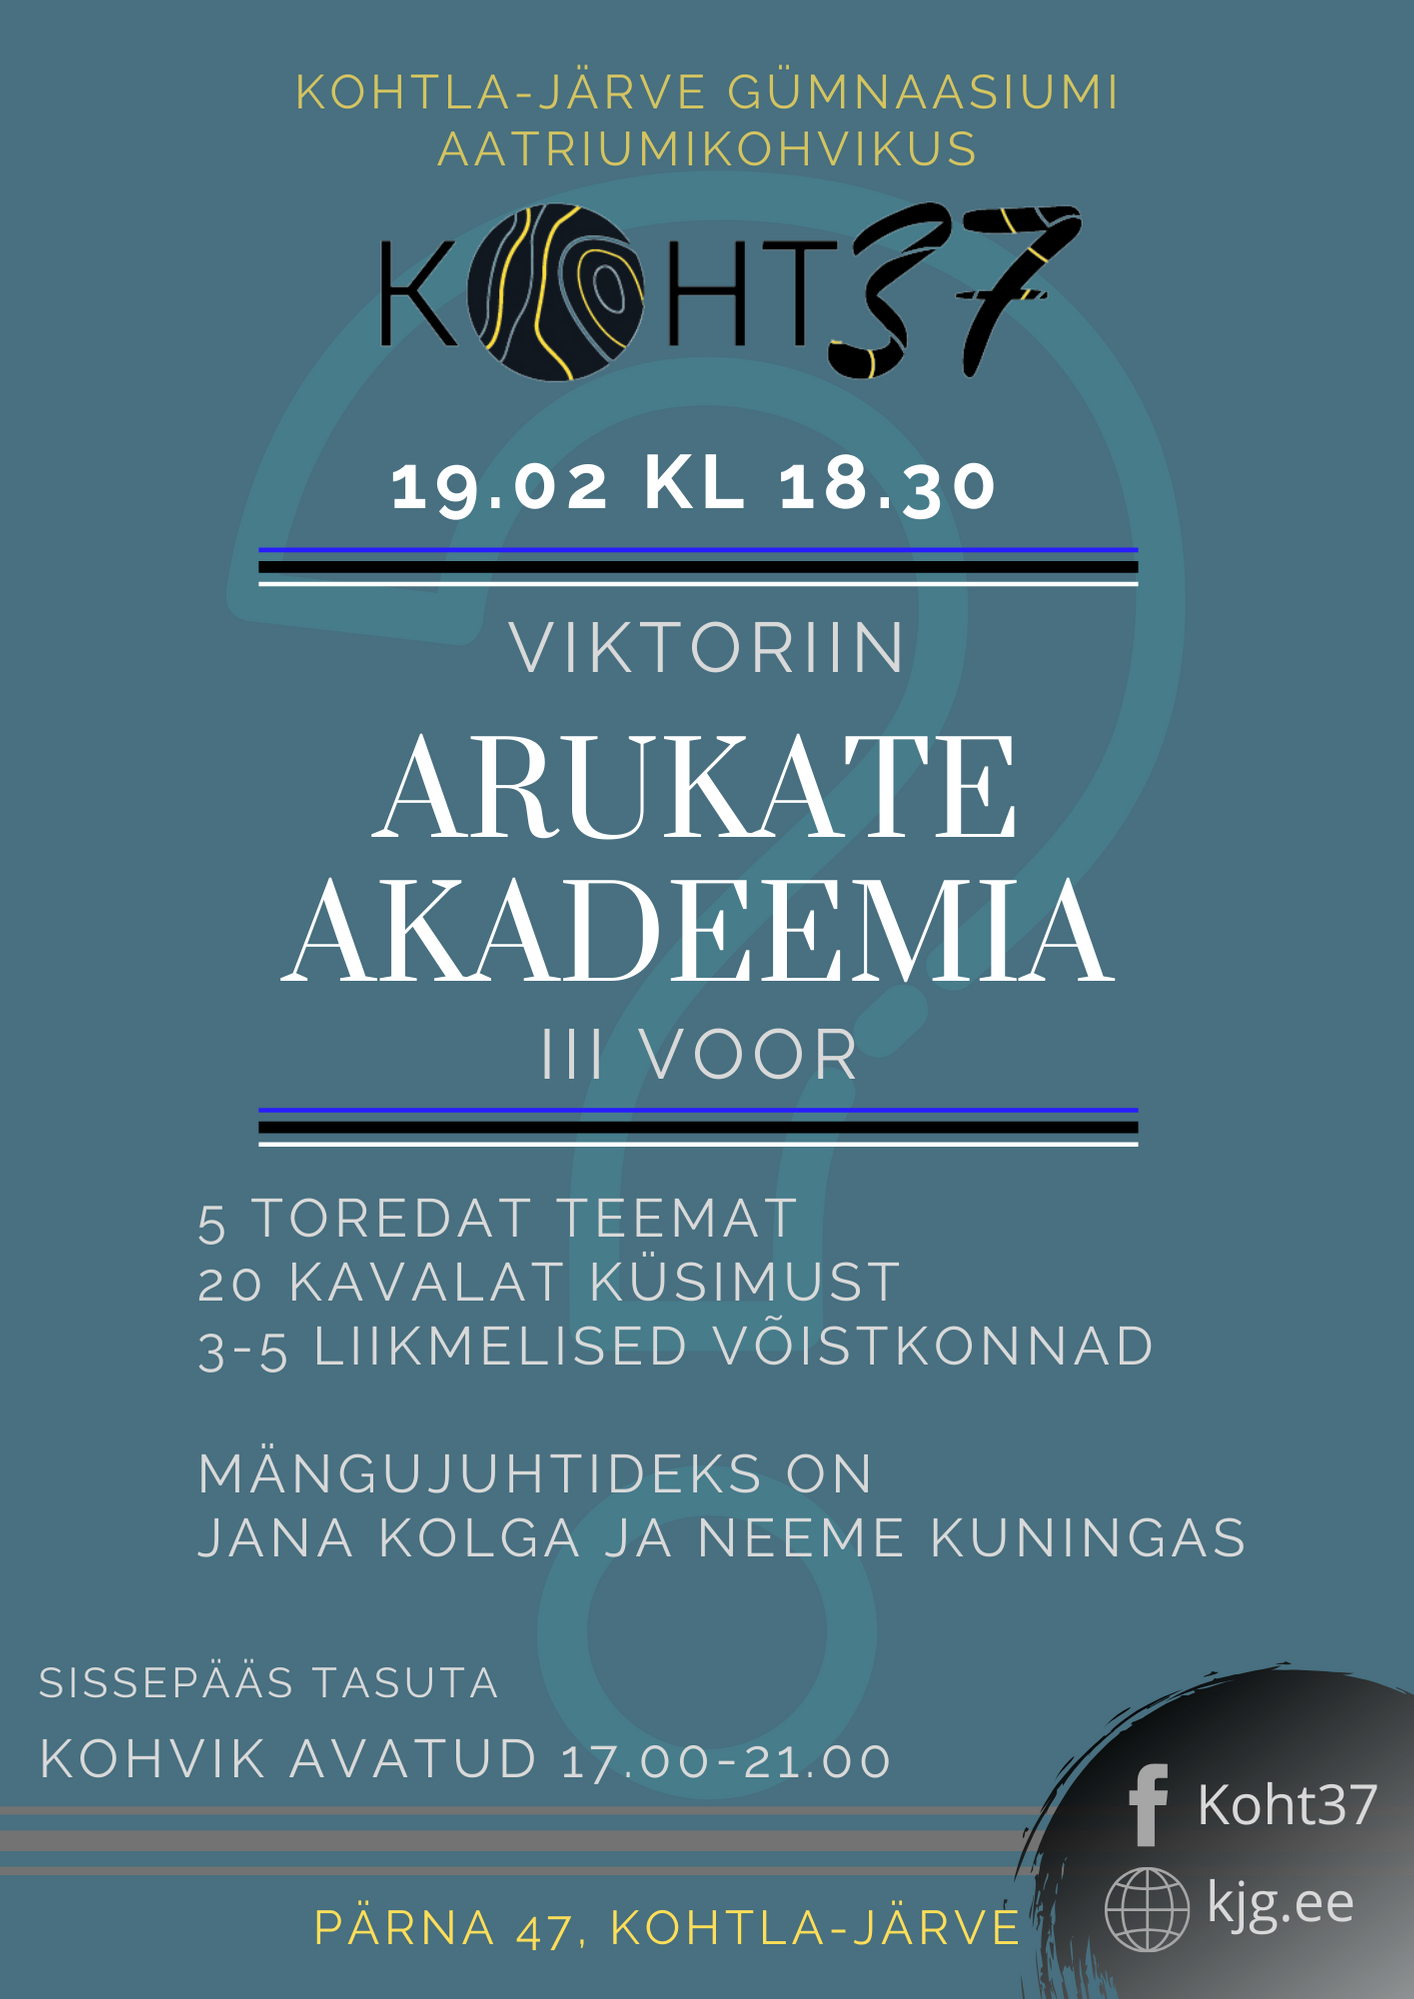 KOHT37: Viktoriiniturniir Arukate Akadeemia – III voor